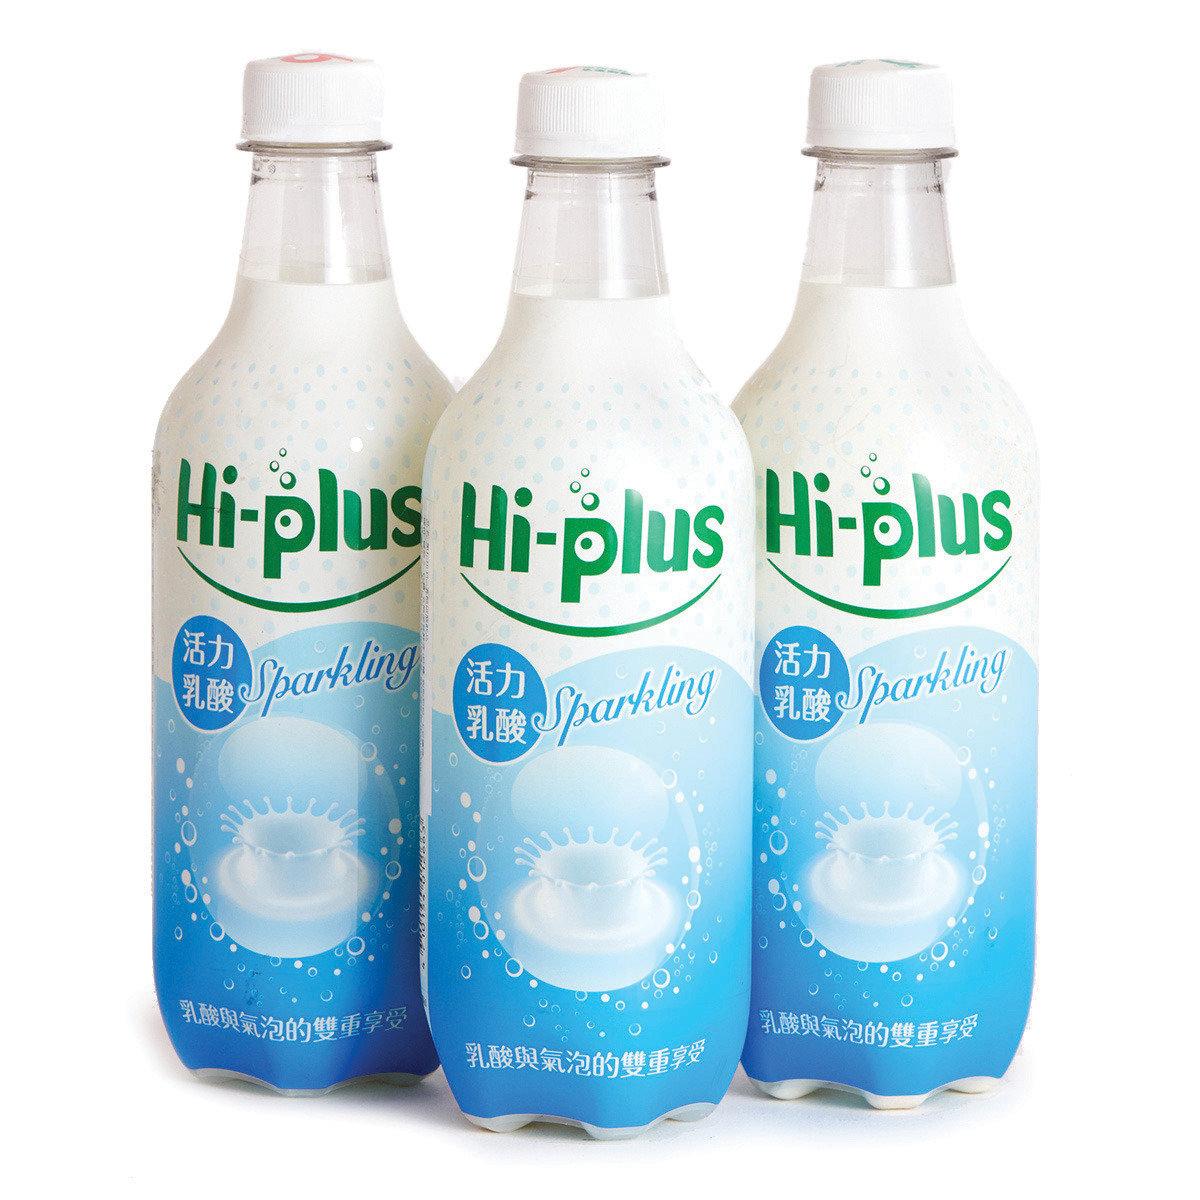 Hi - plus 活力乳酸